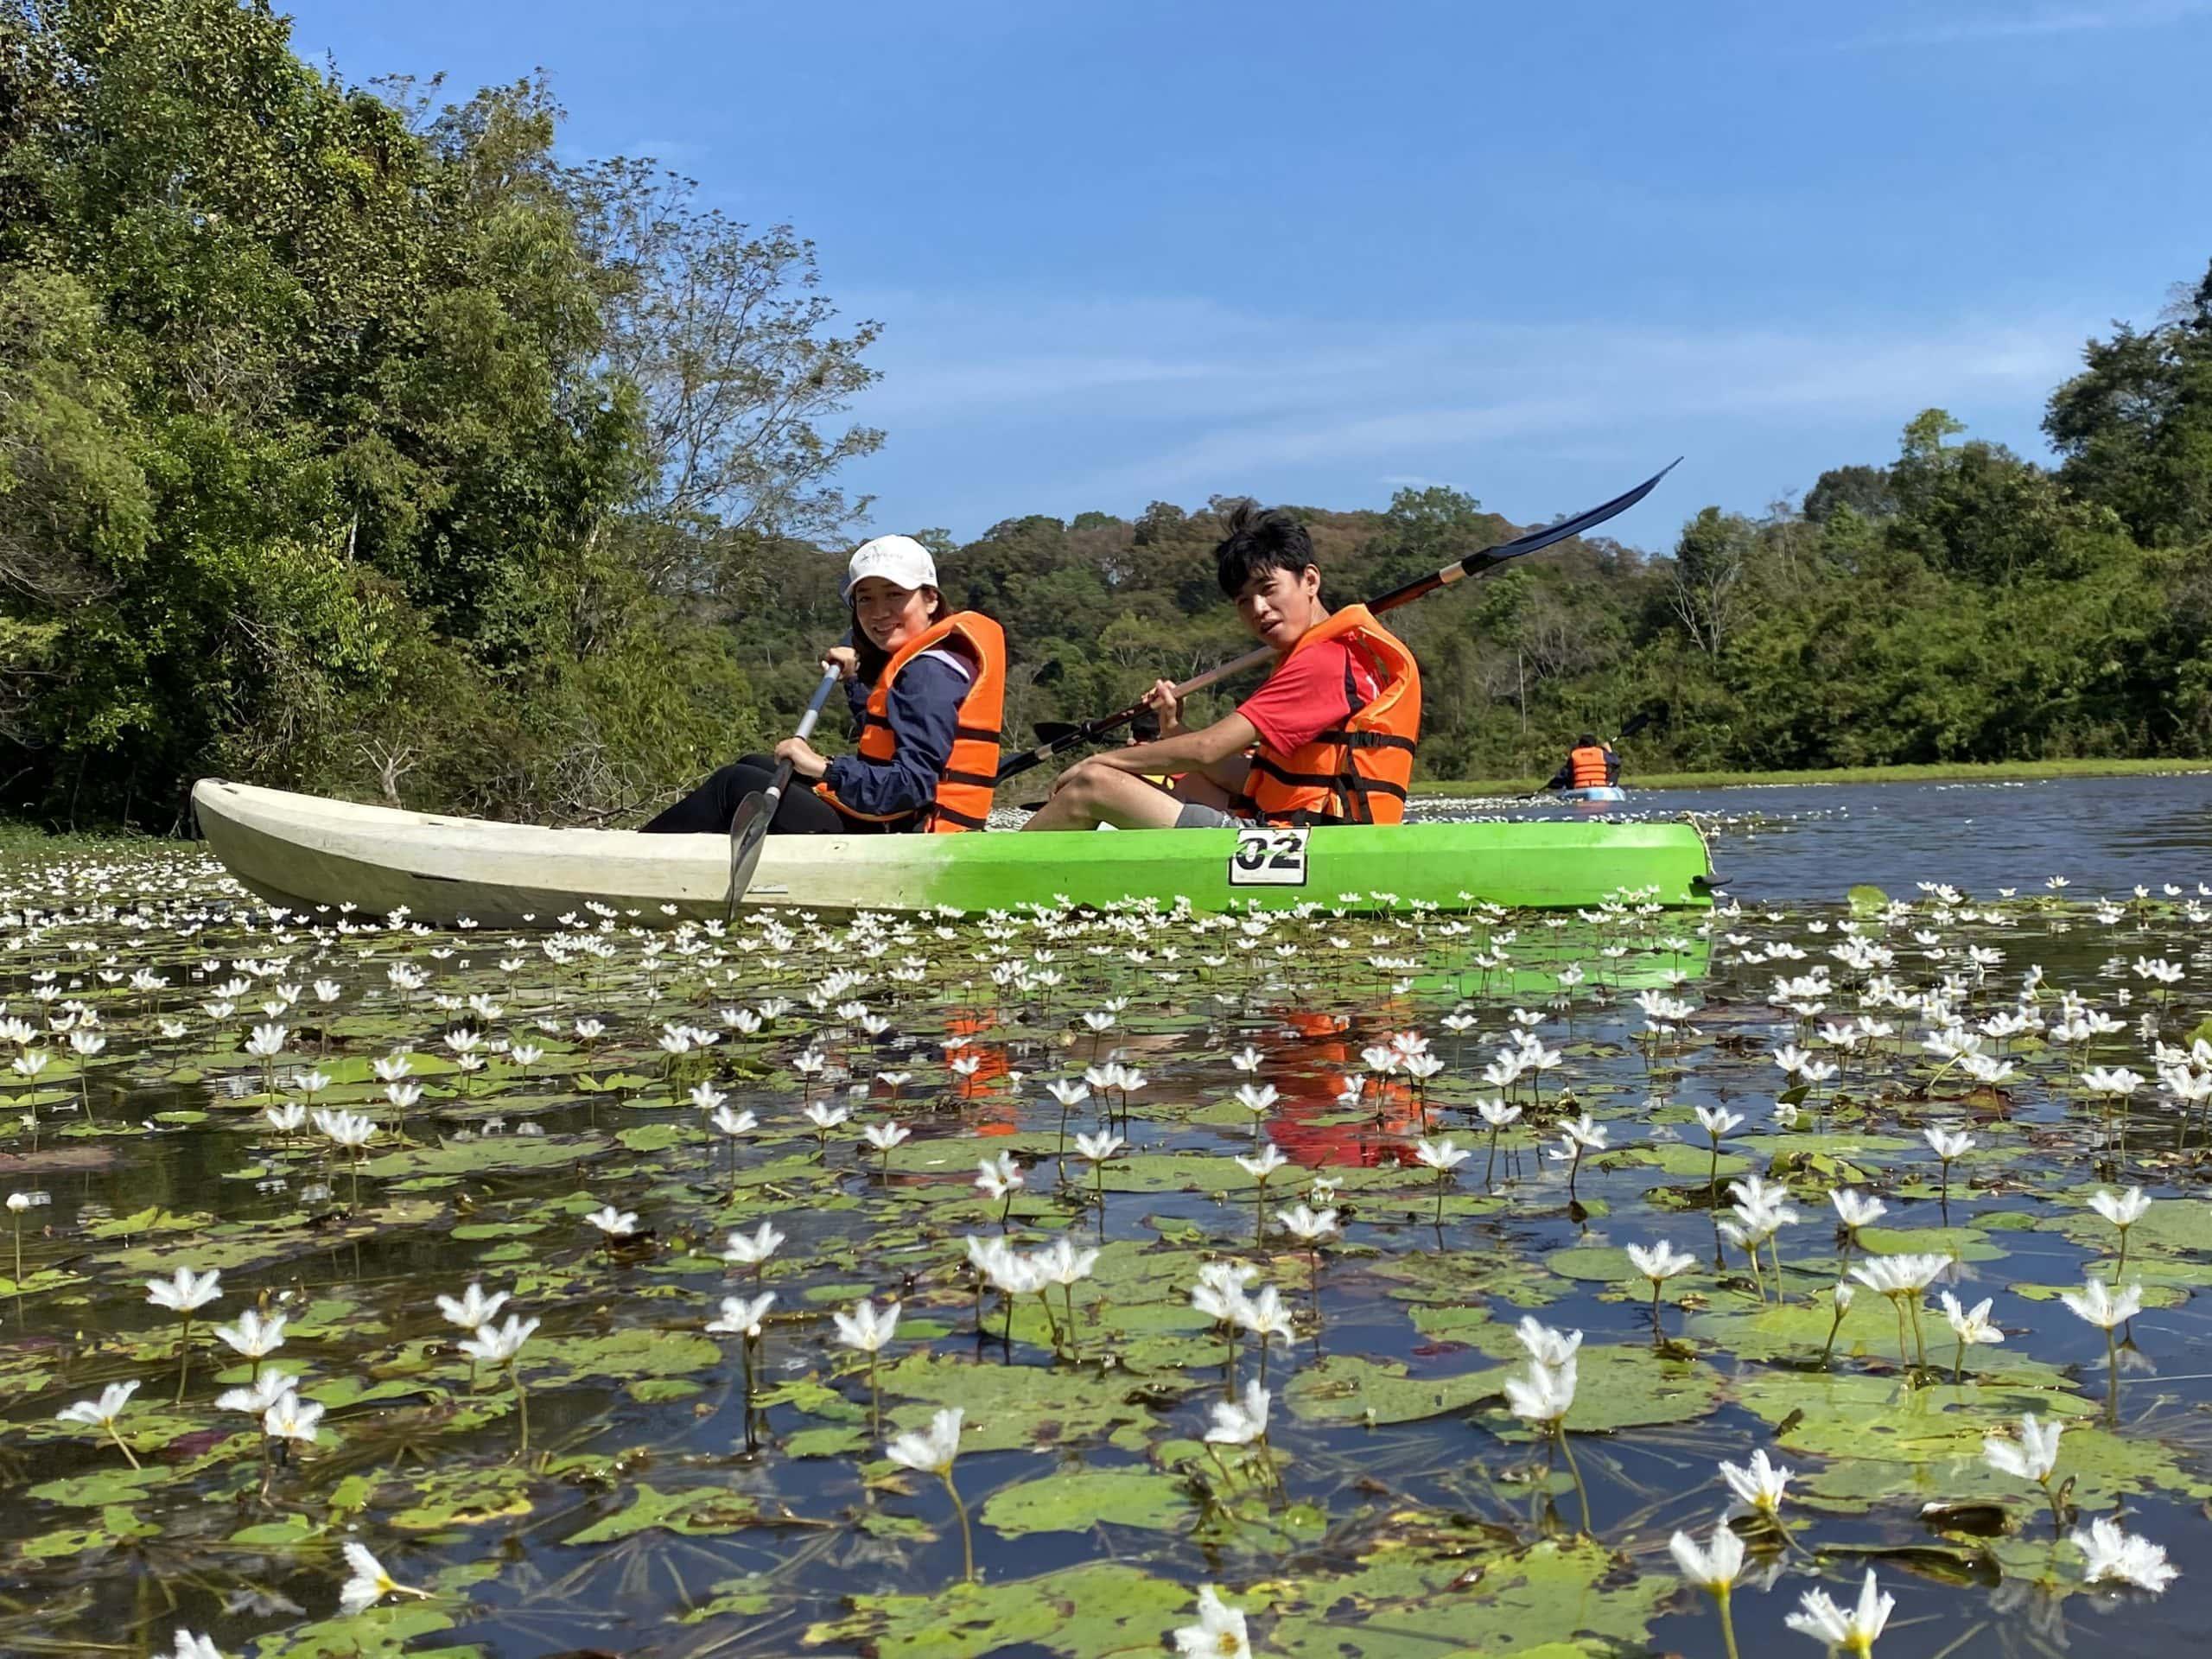 Tour Trekking - Cắm trại tại rừng Nam Cát Tiên dành cho trẻ em